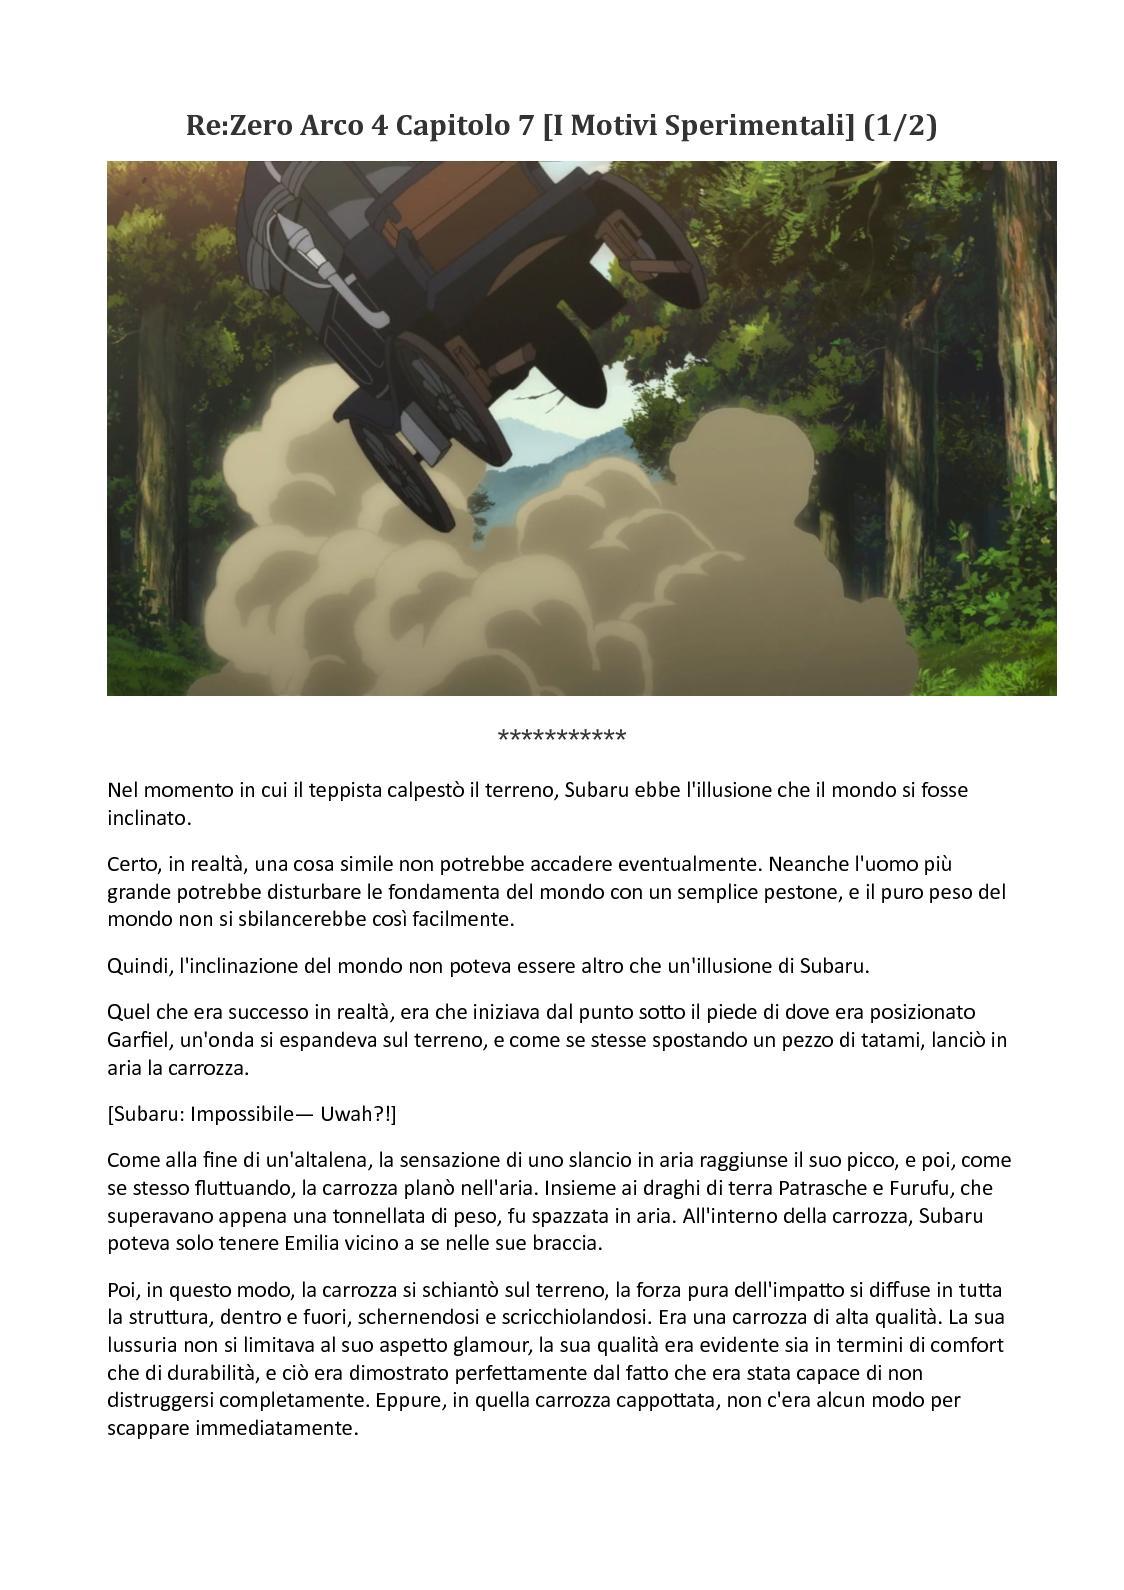 Re Zero Arco 4 Capitolo 7 (1 Di 2)